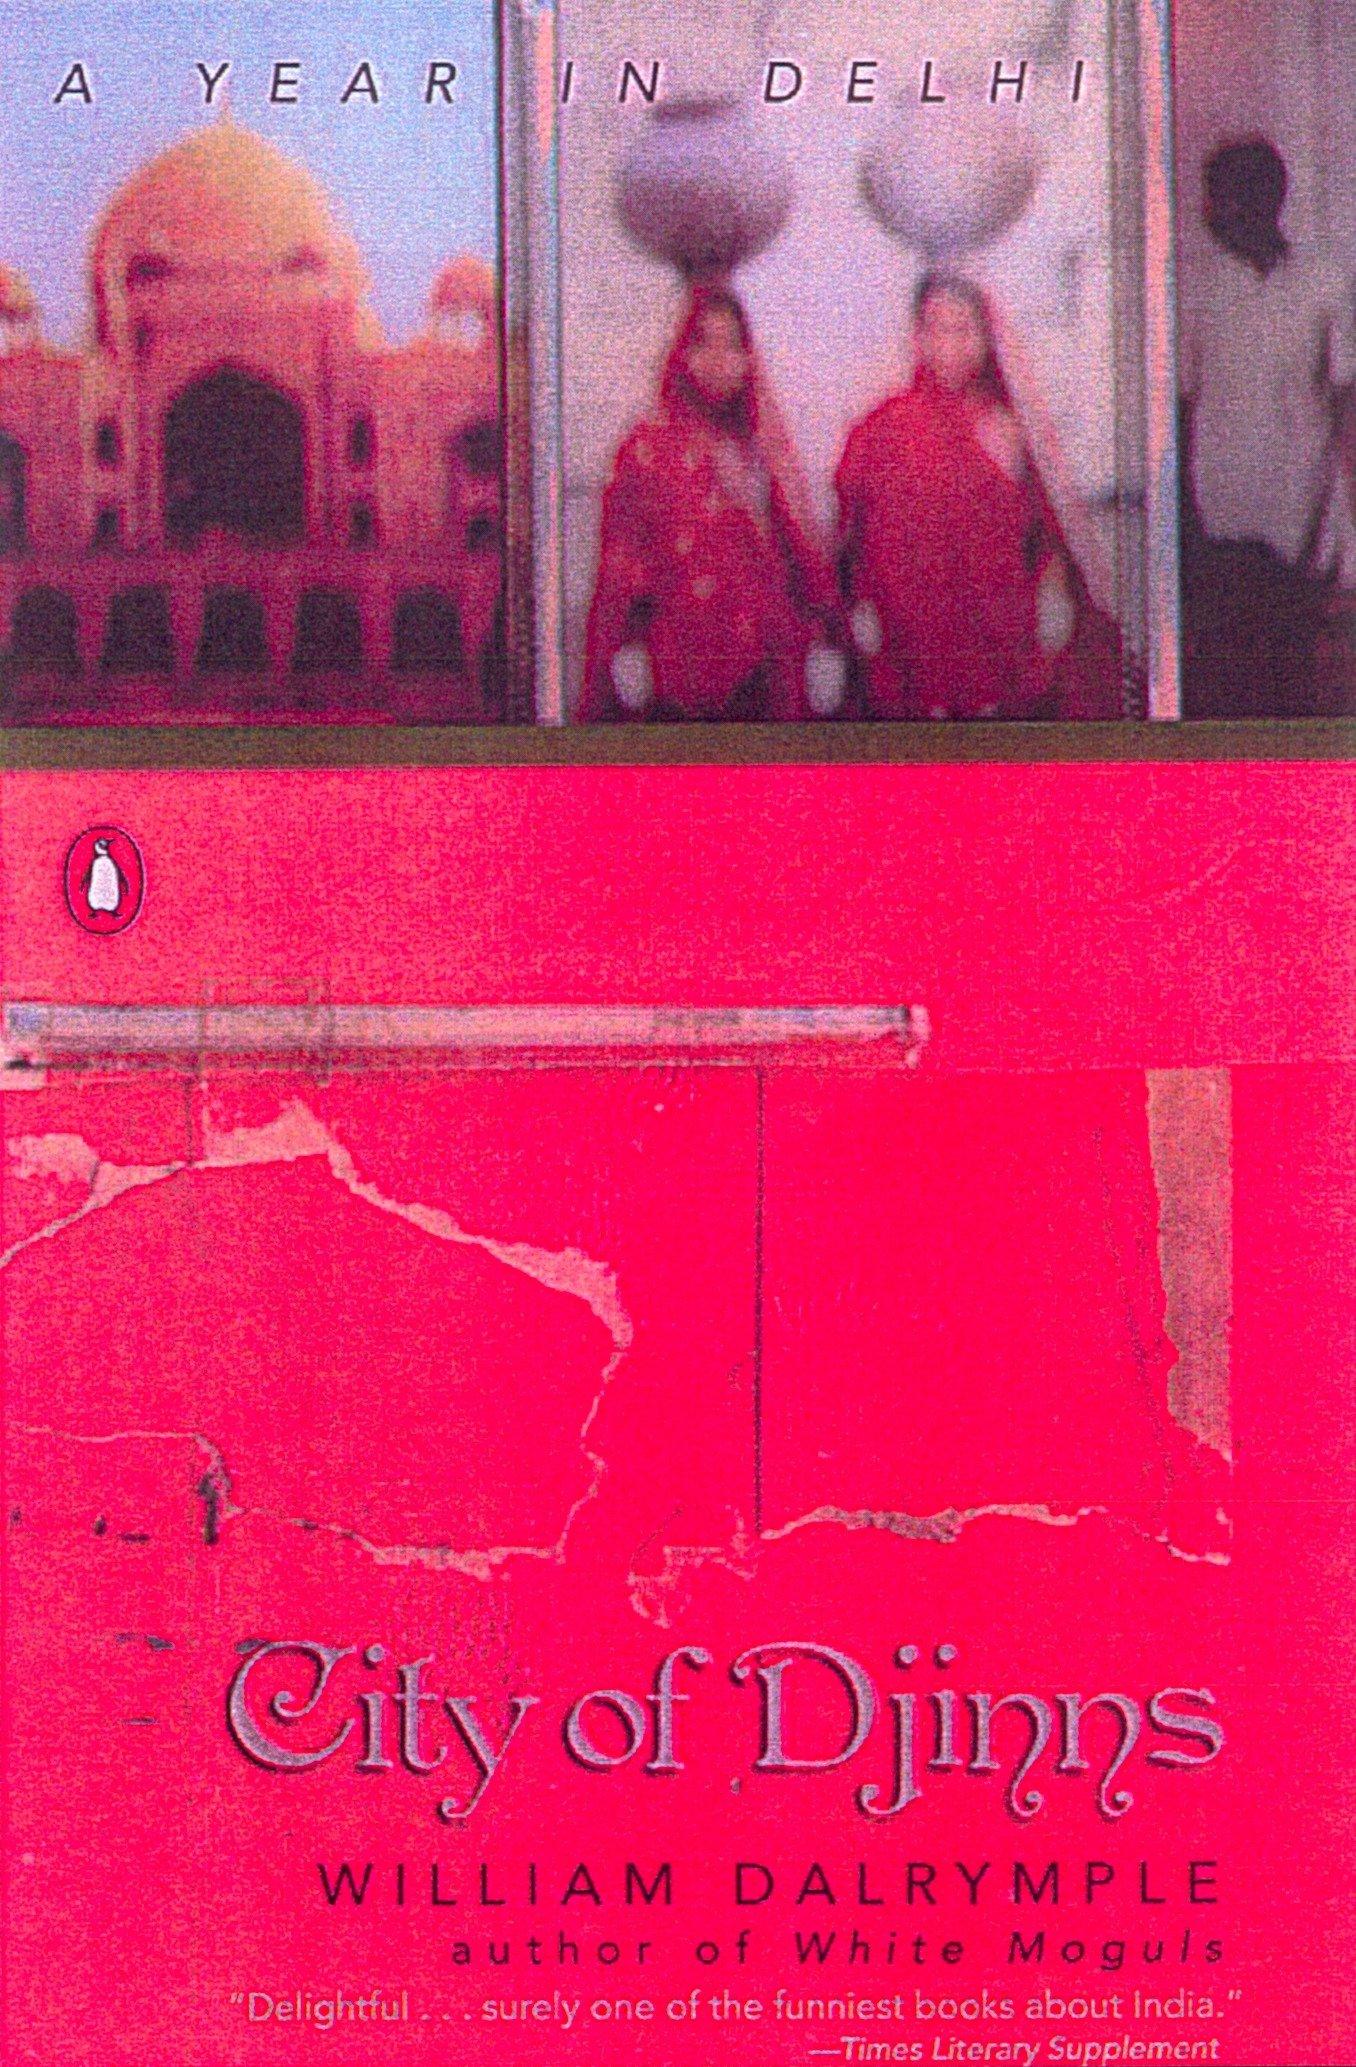 Read Online City of Djinns: A Year in Delhi pdf